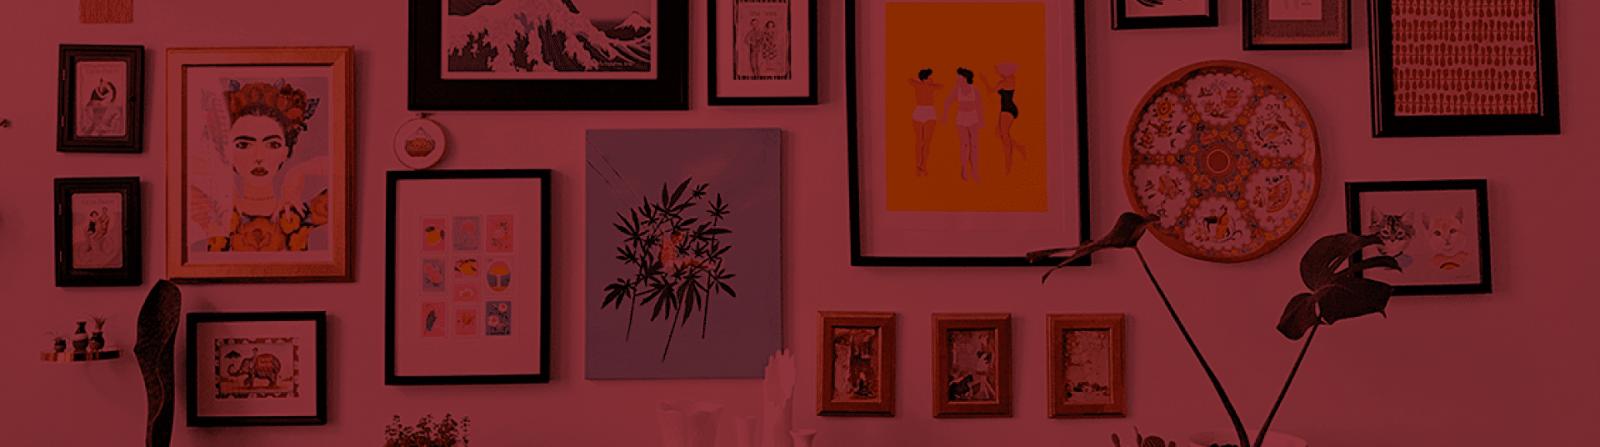 5 Dicas para usar quadros na decoração